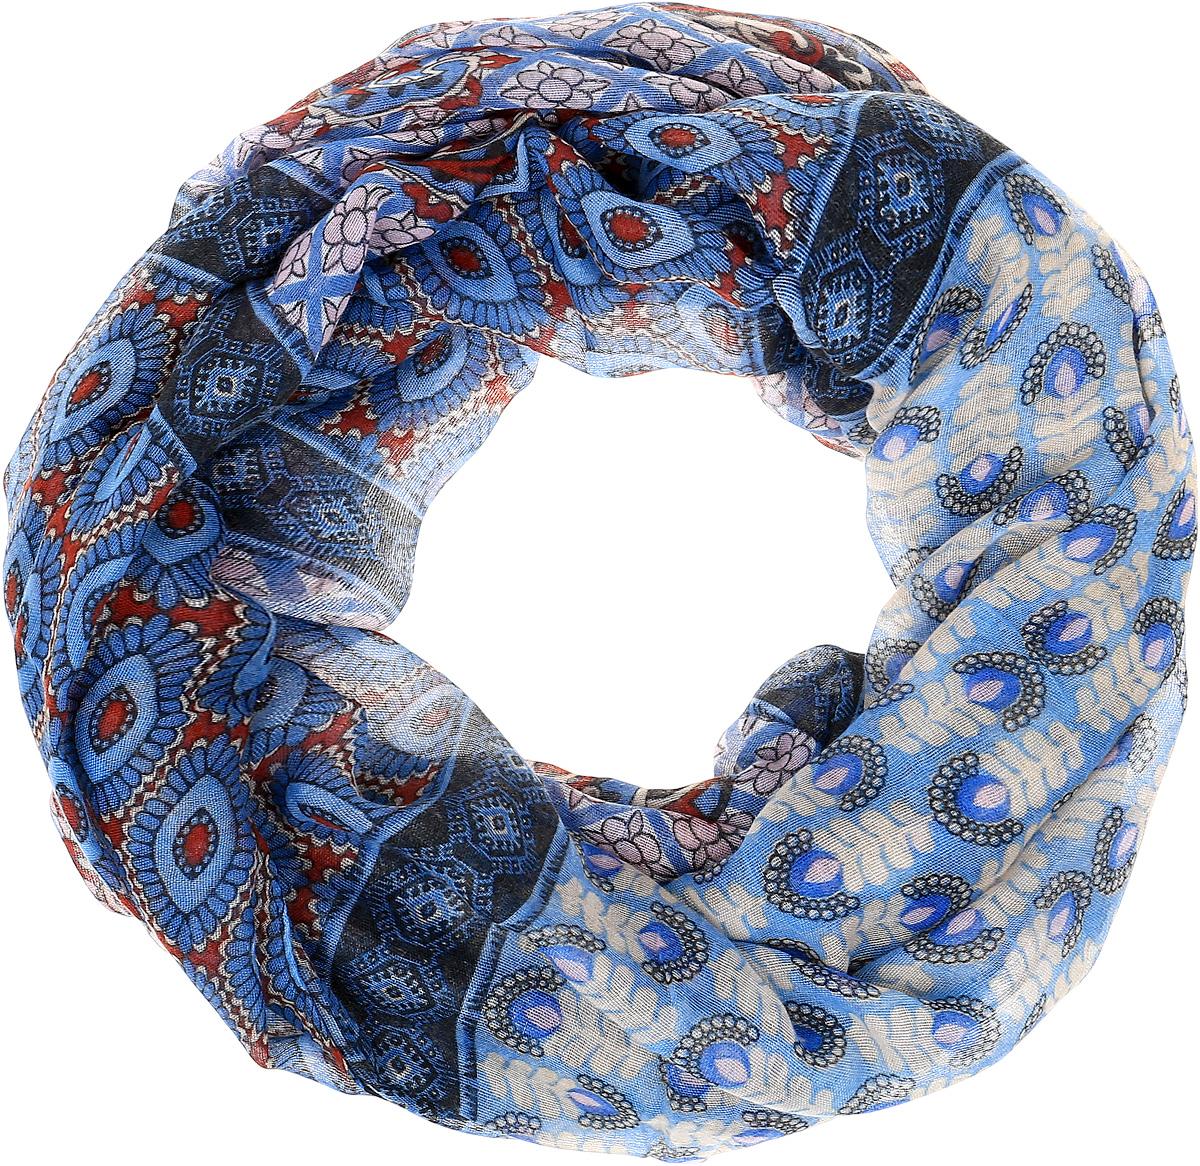 Палантин Sophie Ramage, цвет: голубой, синий. YY-21655-3. Размер 80 см х 180 смYY-21655-3Элегантный палантин Sophie Ramage станет достойным завершением вашего образа. Палантин изготовлен из высококачественного модала с добавлением шерсти. Оформлена модель стильными узорами. Палантин красиво драпируется, он превосходно дополнит любой наряд и подчеркнет ваш изысканный вкус. Легкий и изящный палантин привнесет в ваш образ утонченность и шарм.